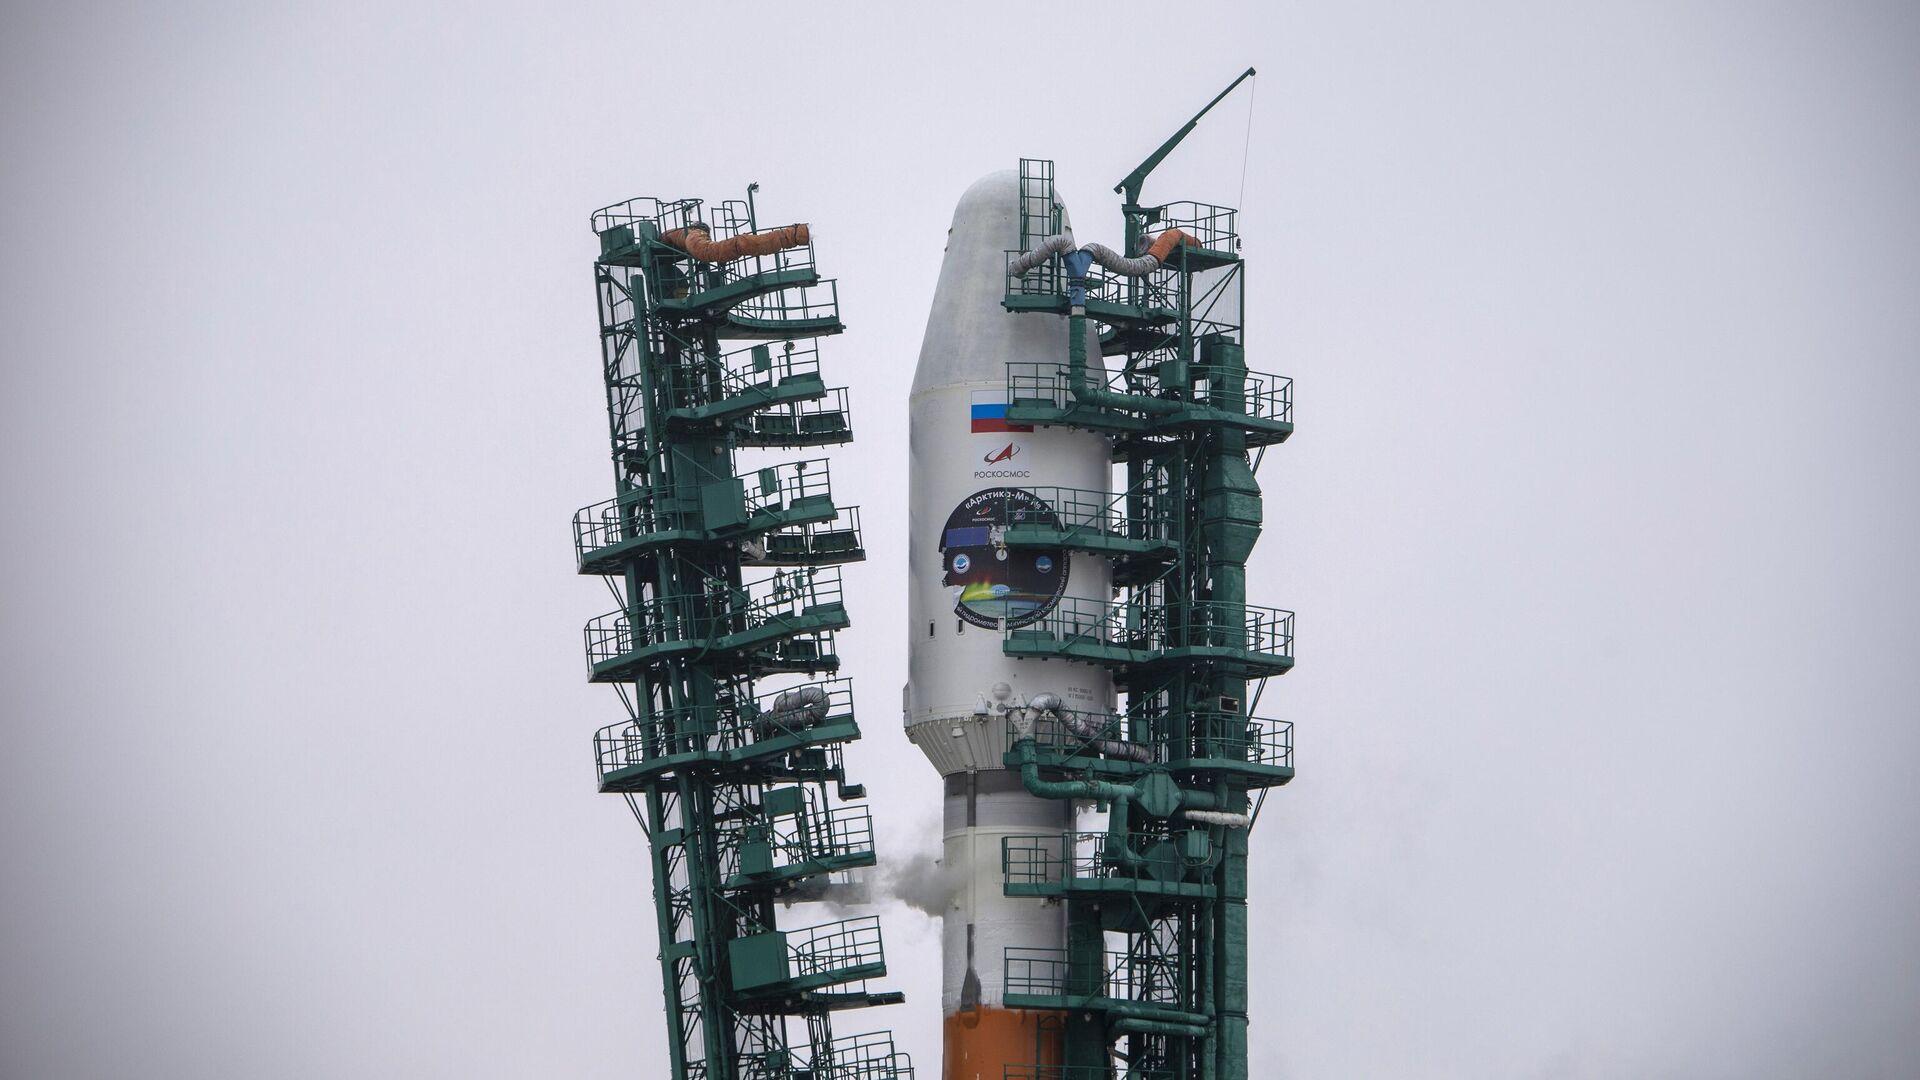 Старт ракете-носача Сојуз 2.1б са космичким апаратом Арктика М - Sputnik Србија, 1920, 06.09.2021